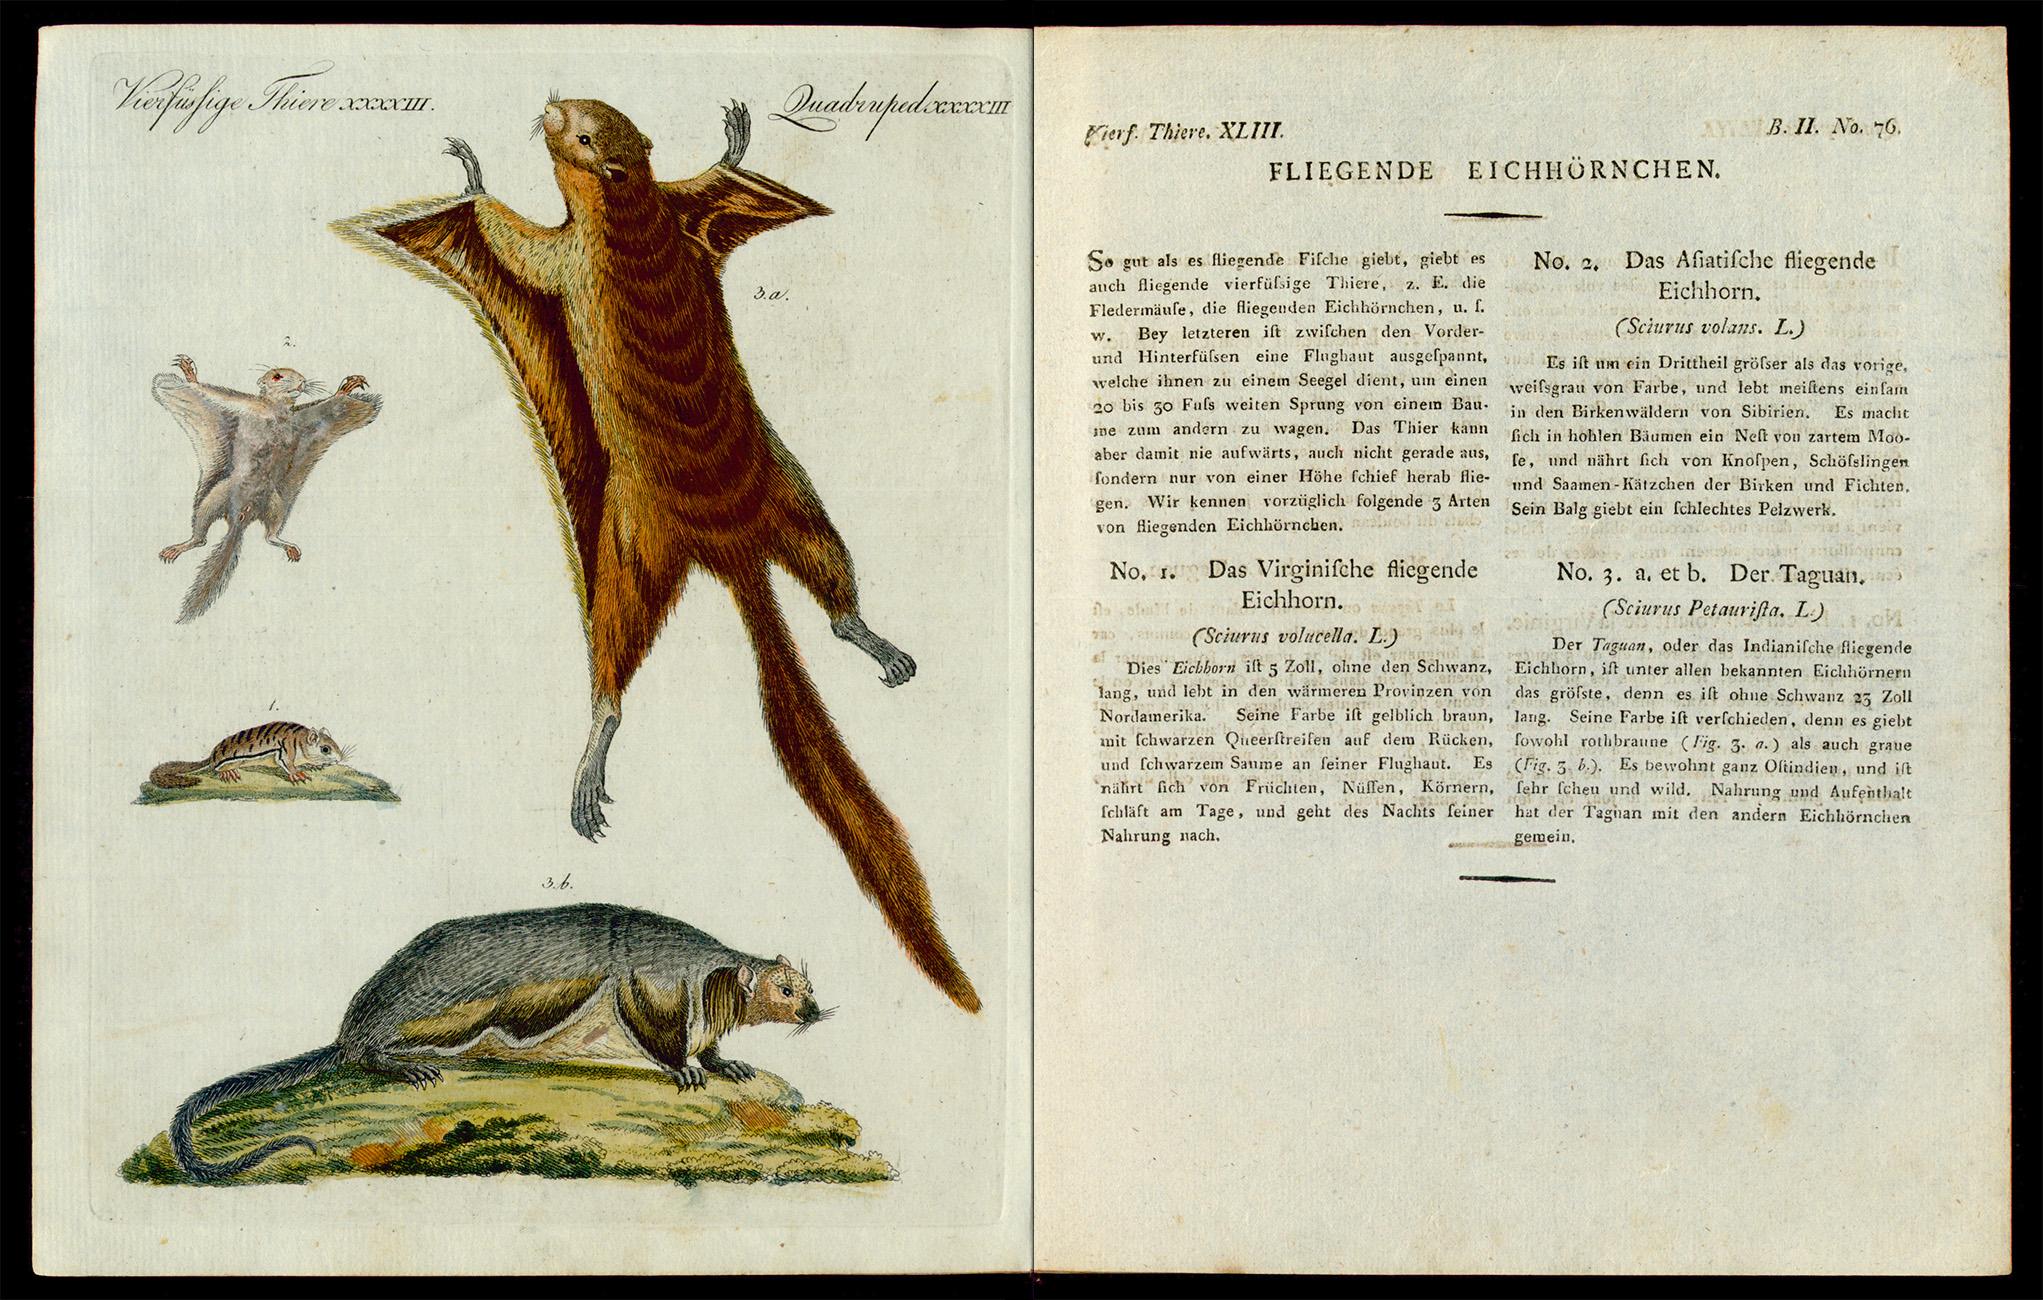 Friedrich Justin Bertuch, Bilderbuch für Kinder, B XXIII, 8-2 R, S. 314 und 315